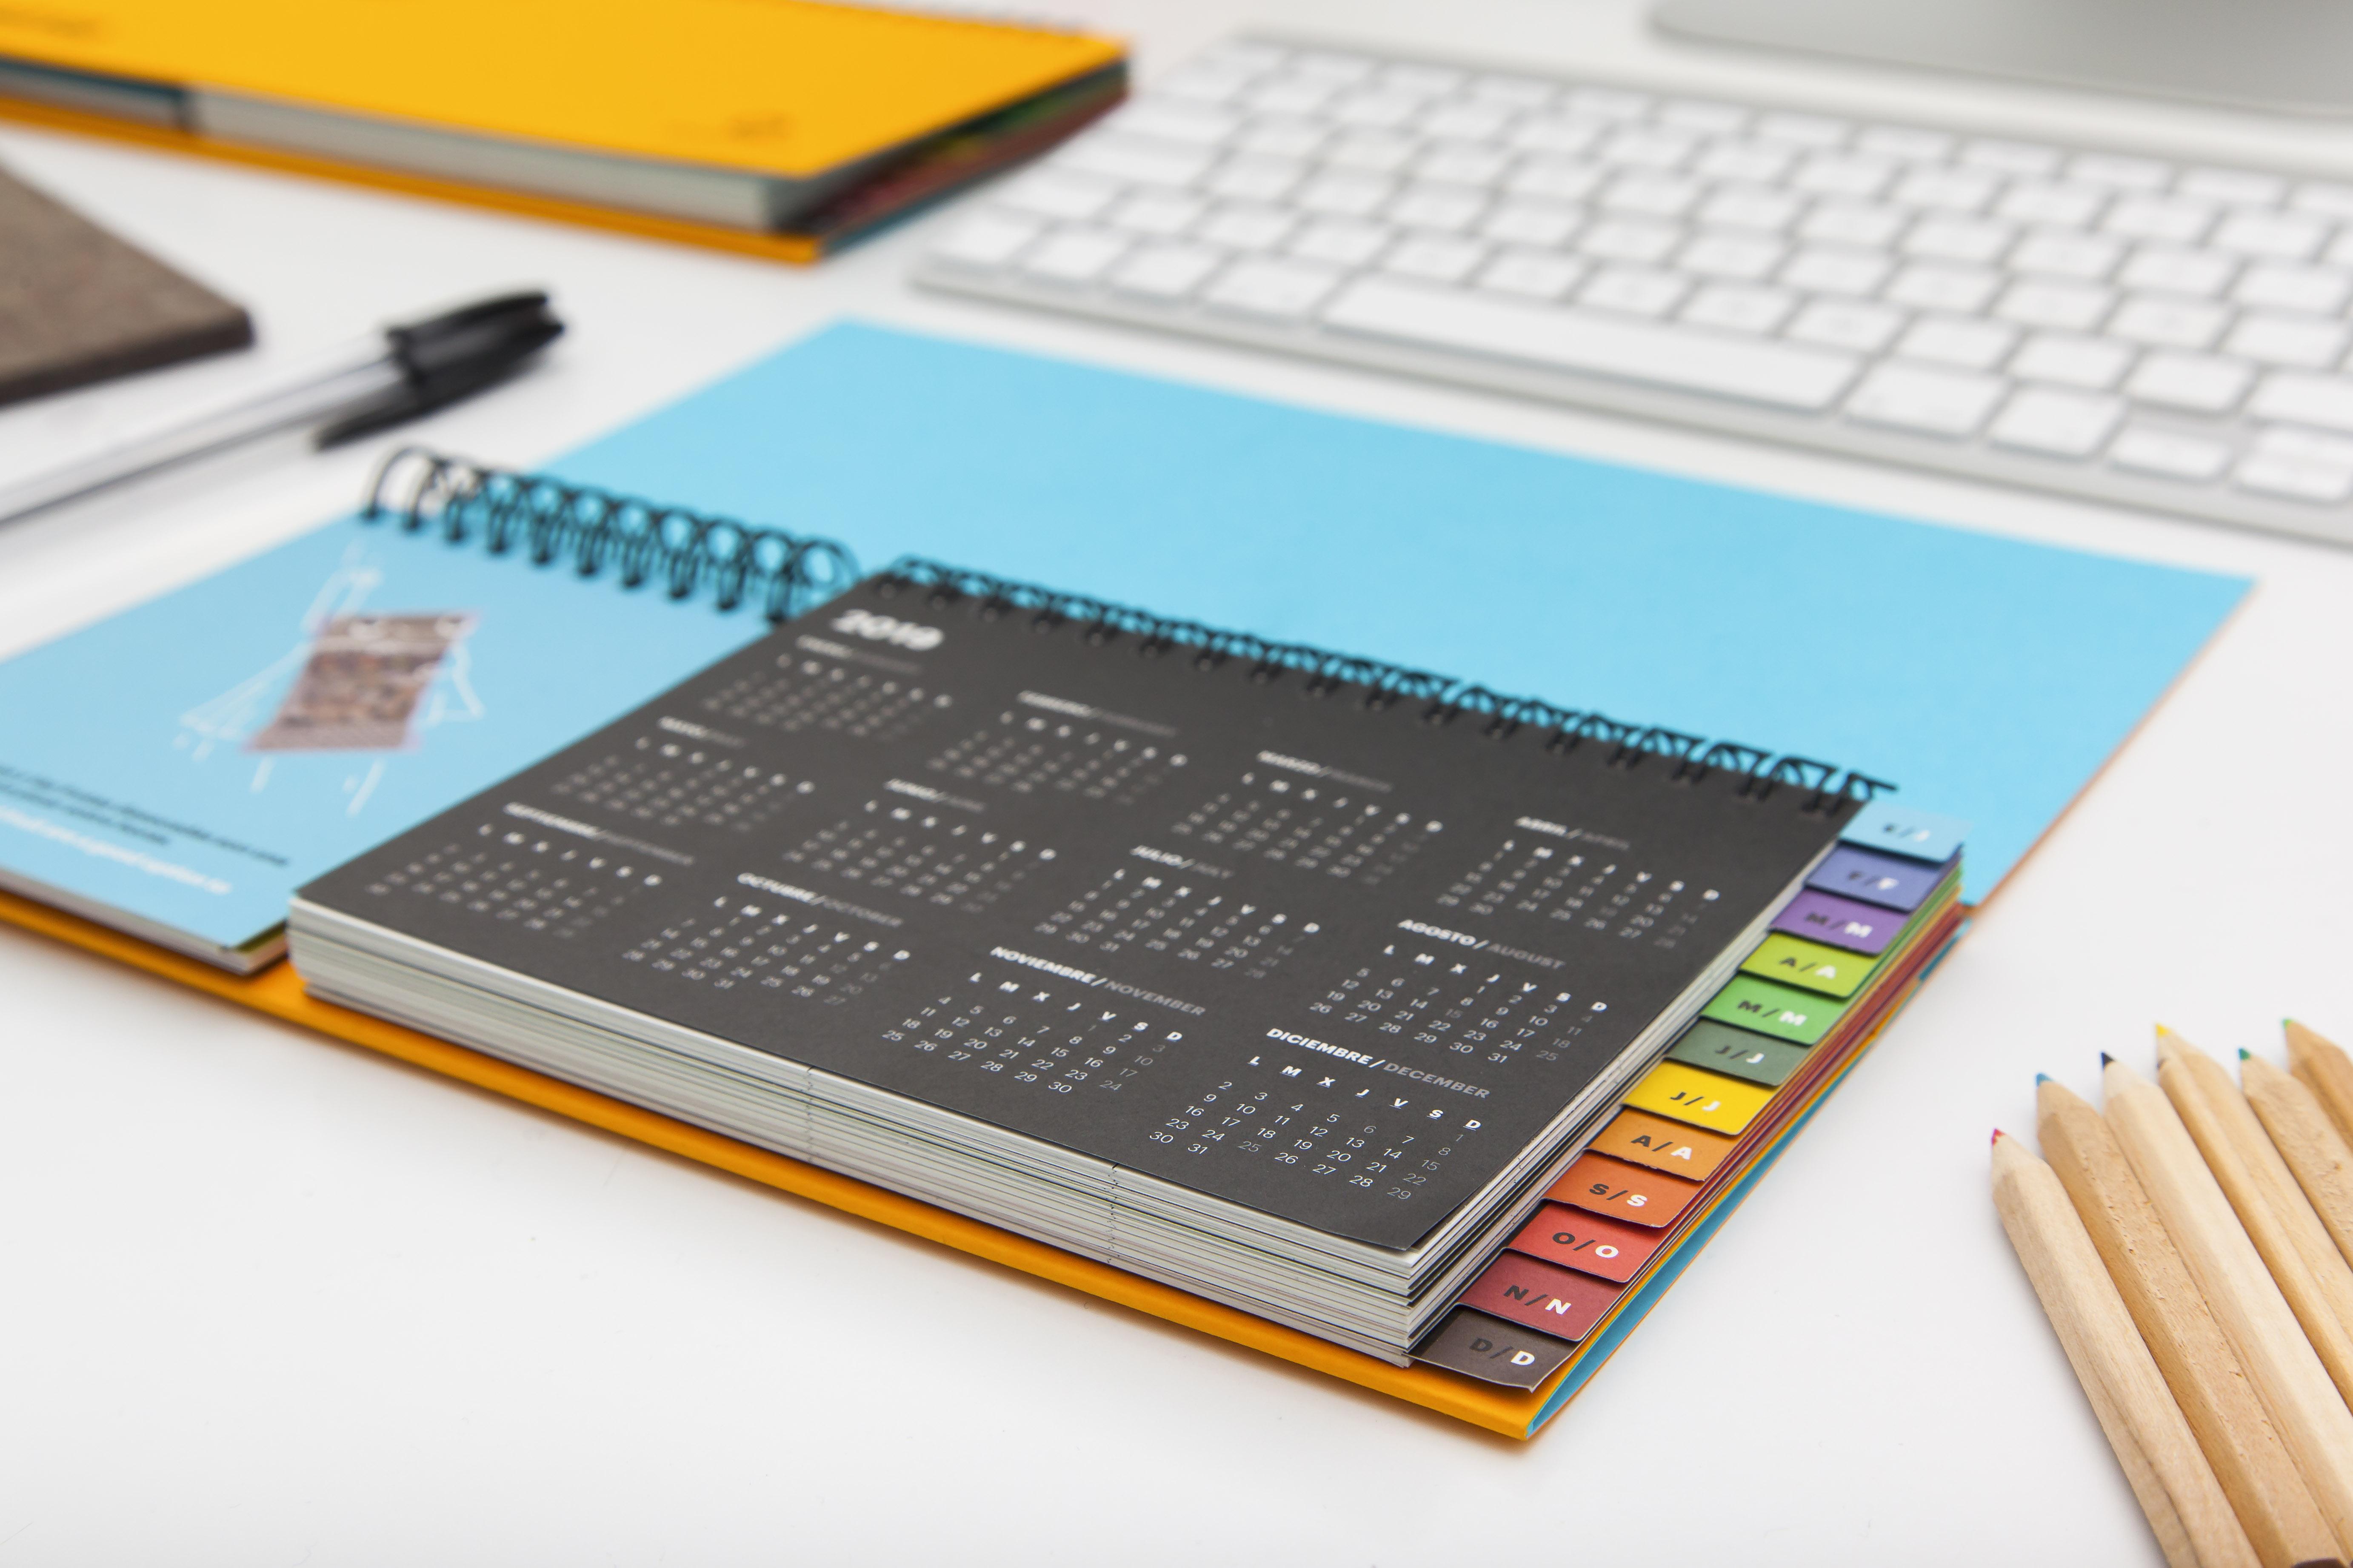 Calendario Importaco by Nueve - Creative Work - $i